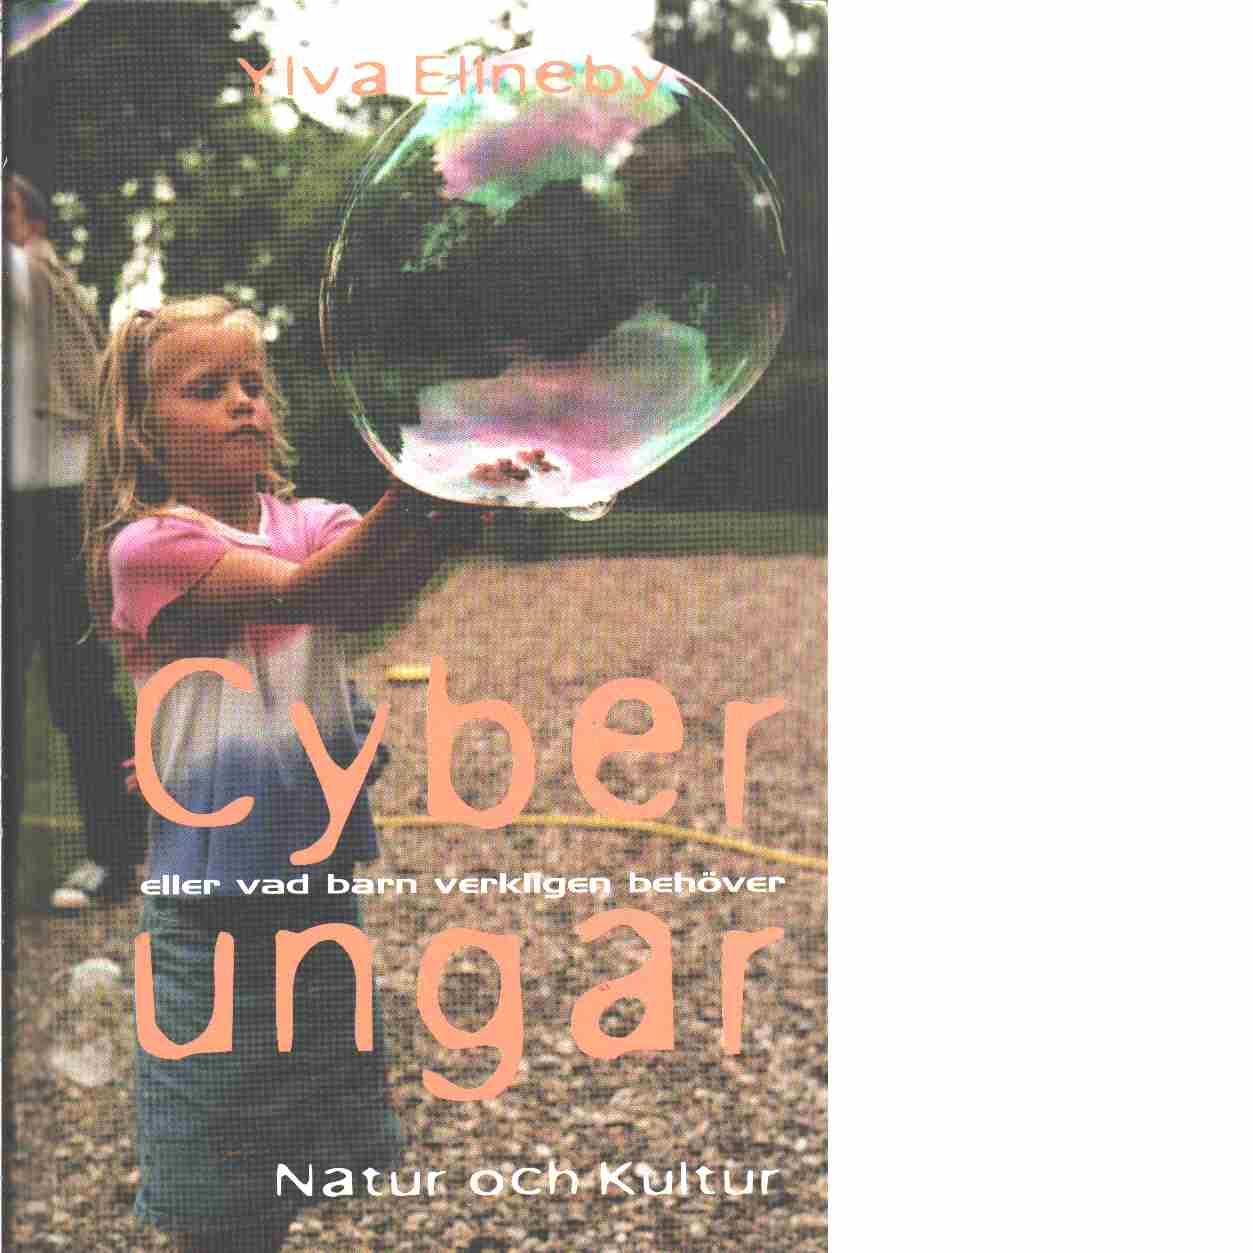 Cyberungar : eller vad barn verkligen behöver  - Ellneby, Ylva